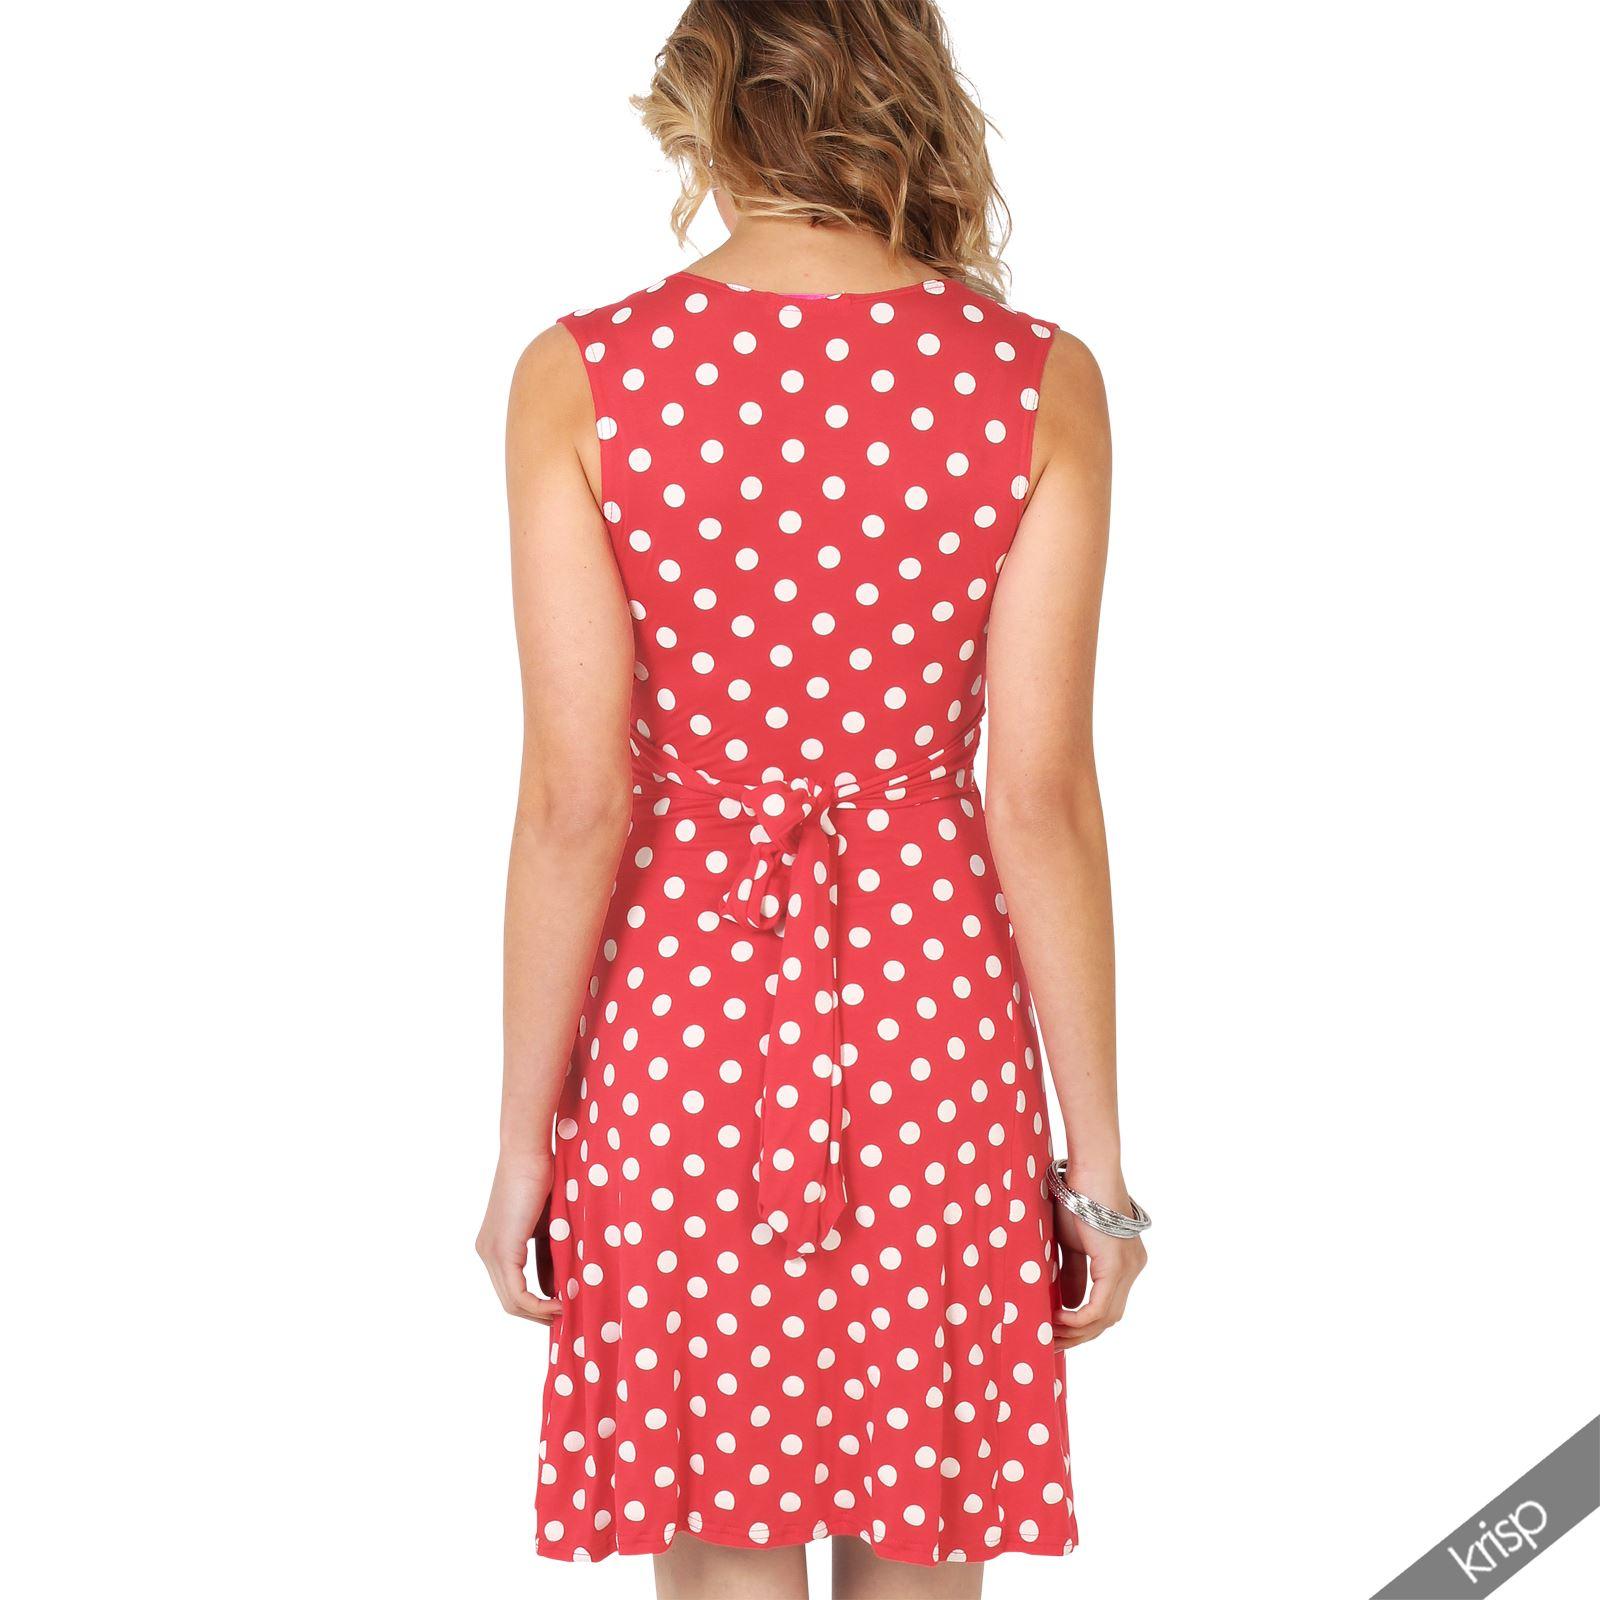 Damen Mini Kleid Mit Punkten Wickelkleid Sommerkleid V ...